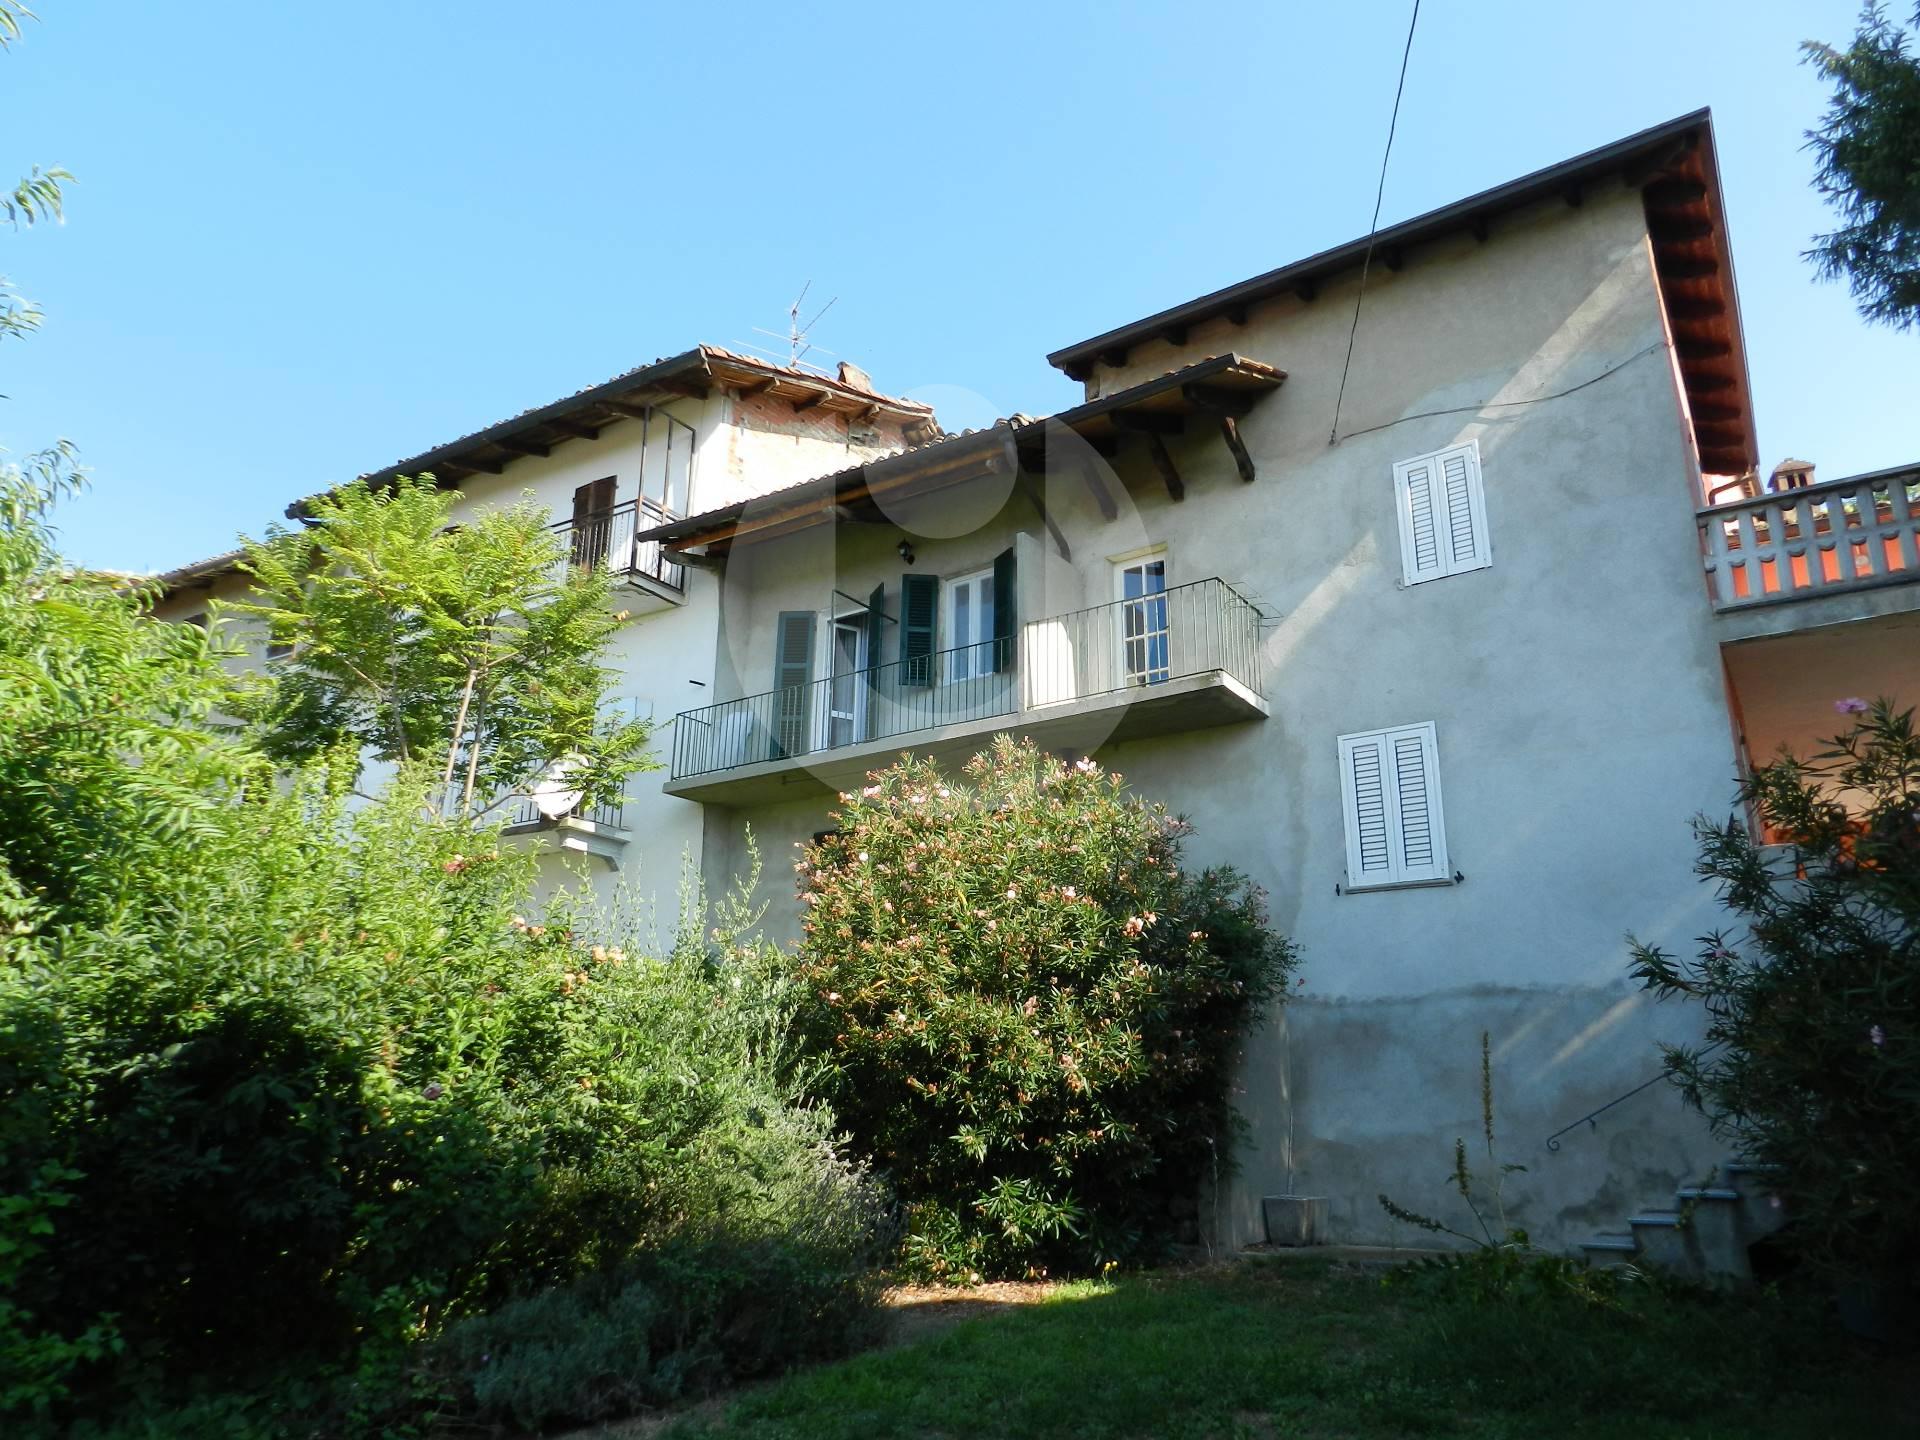 Foto 1 di Casa indipendente Via Vicinato, Odalengo Piccolo